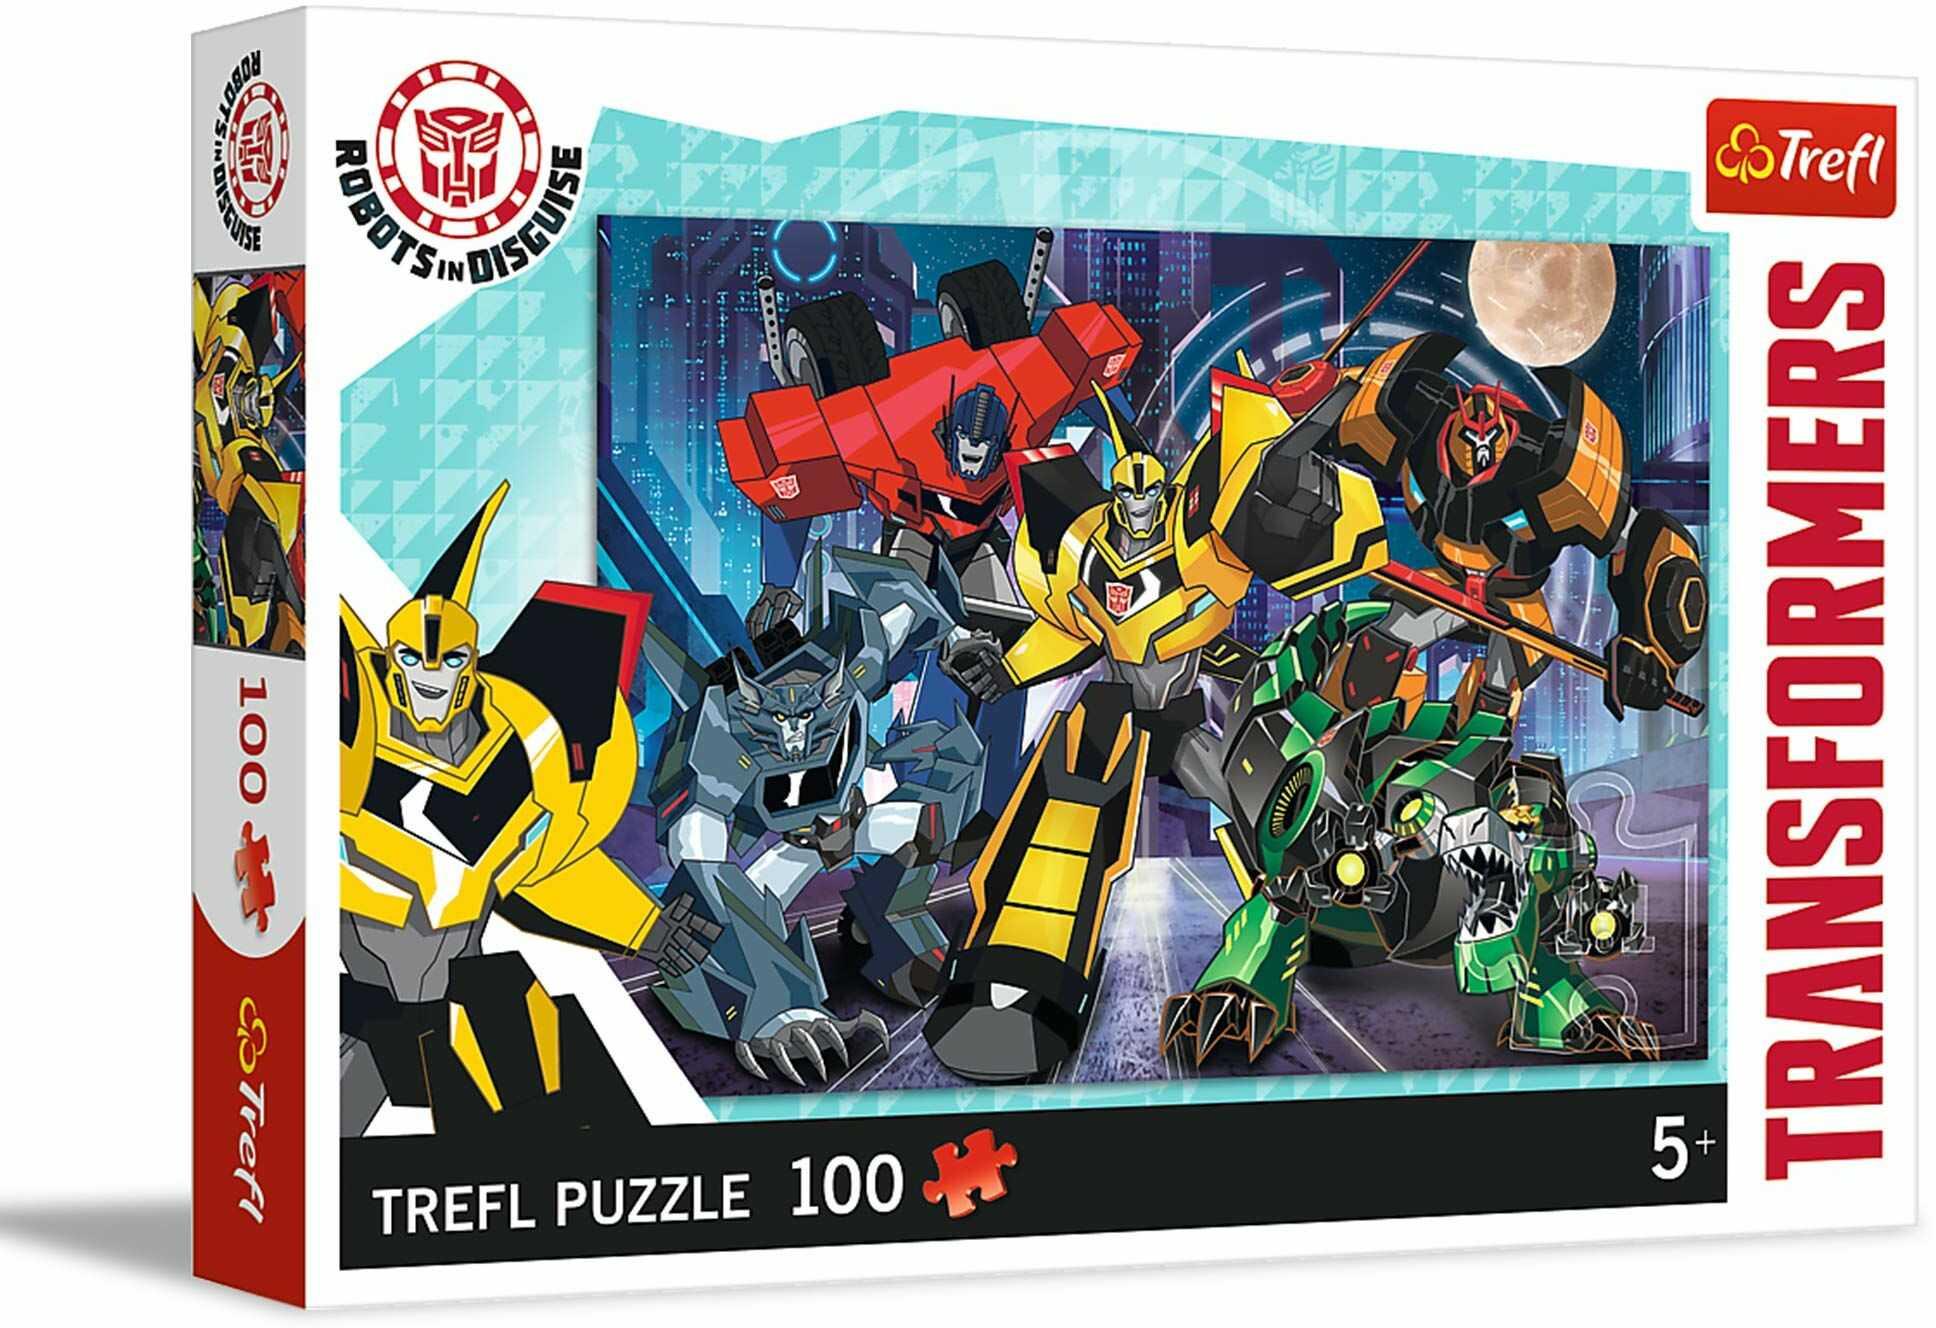 Trefl Drużyna Autobotów Puzzle 100 Elementów Transformers o Wysokiej Jakości Nadruku dla Dzieci od 5 lat